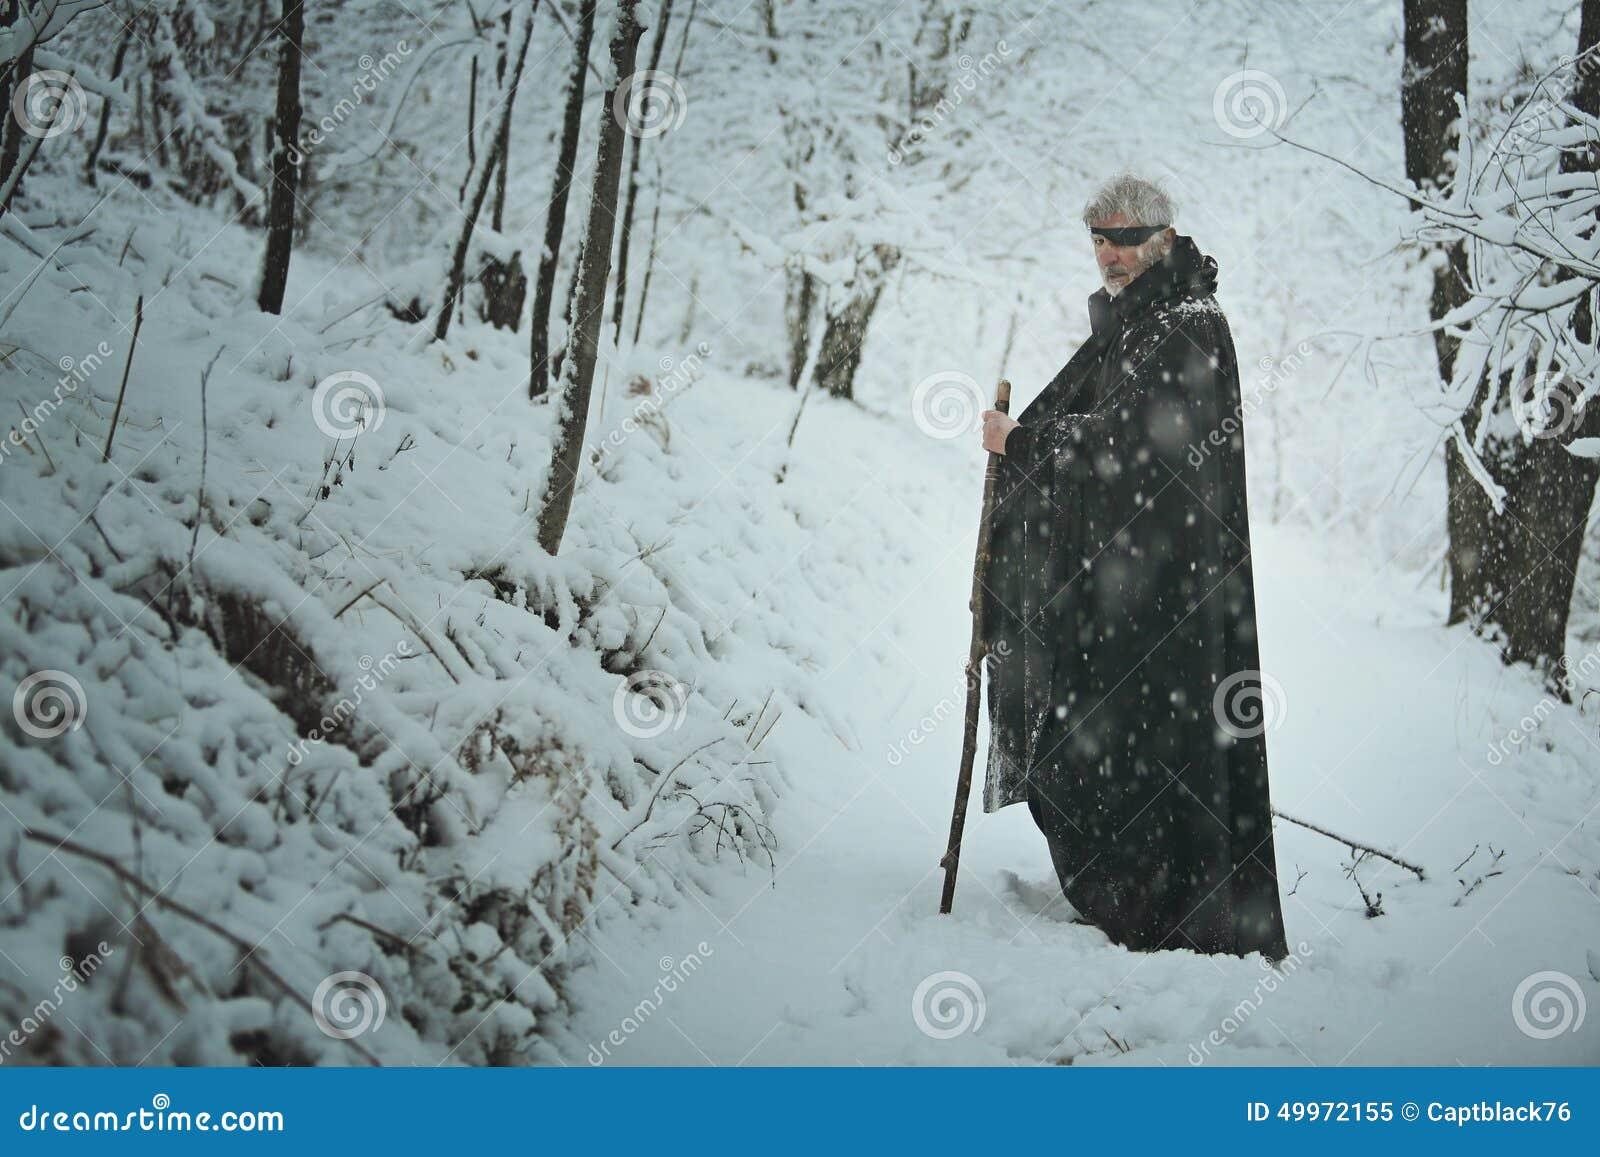 El viejo observó al hombre en un bosque con nieve